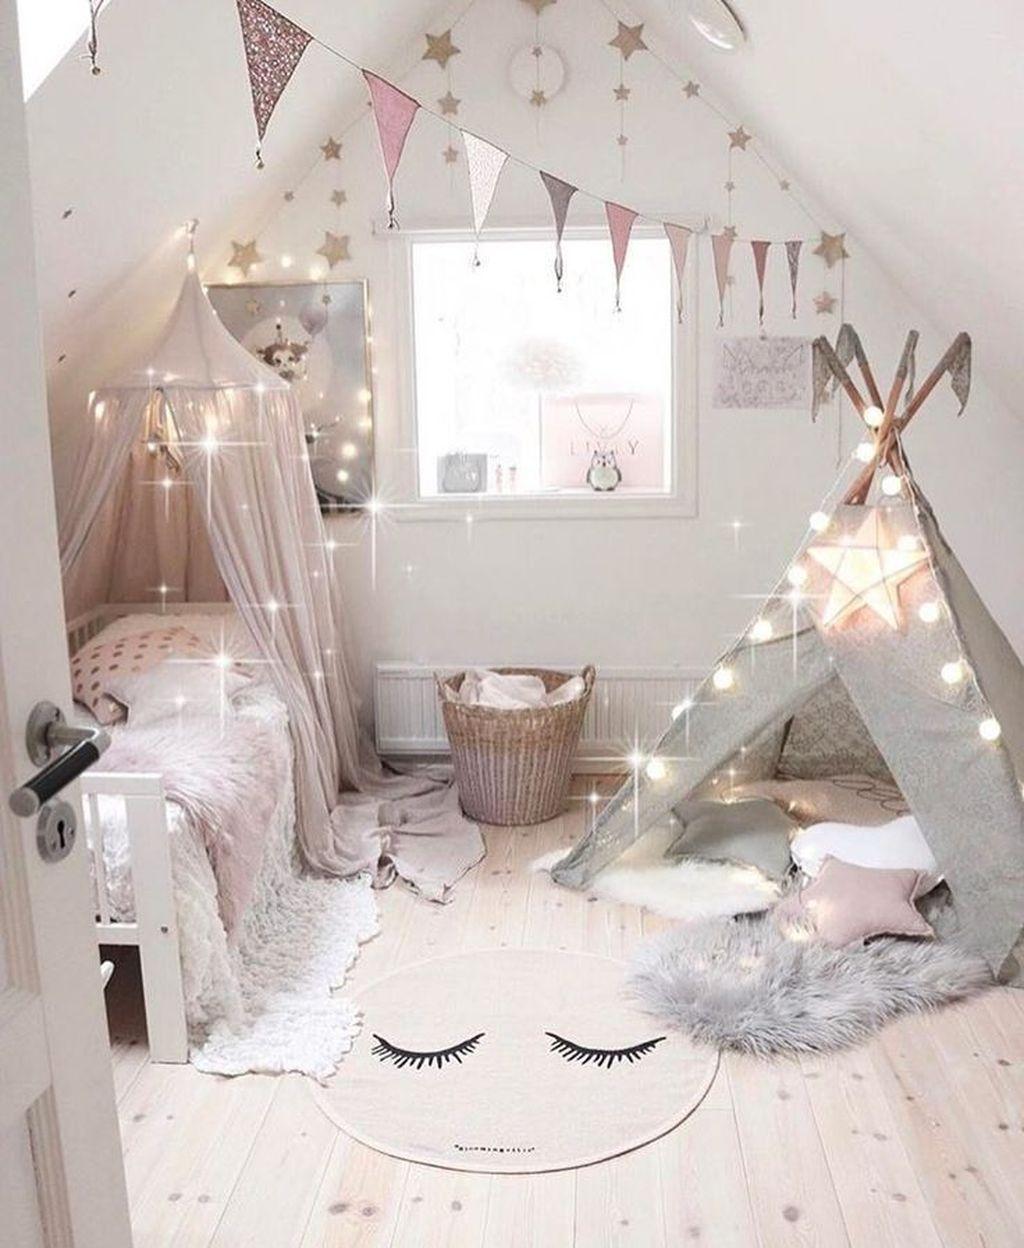 34 Unique Scandinavian Kids Bedroom Design To Make Your Daughter Happy images